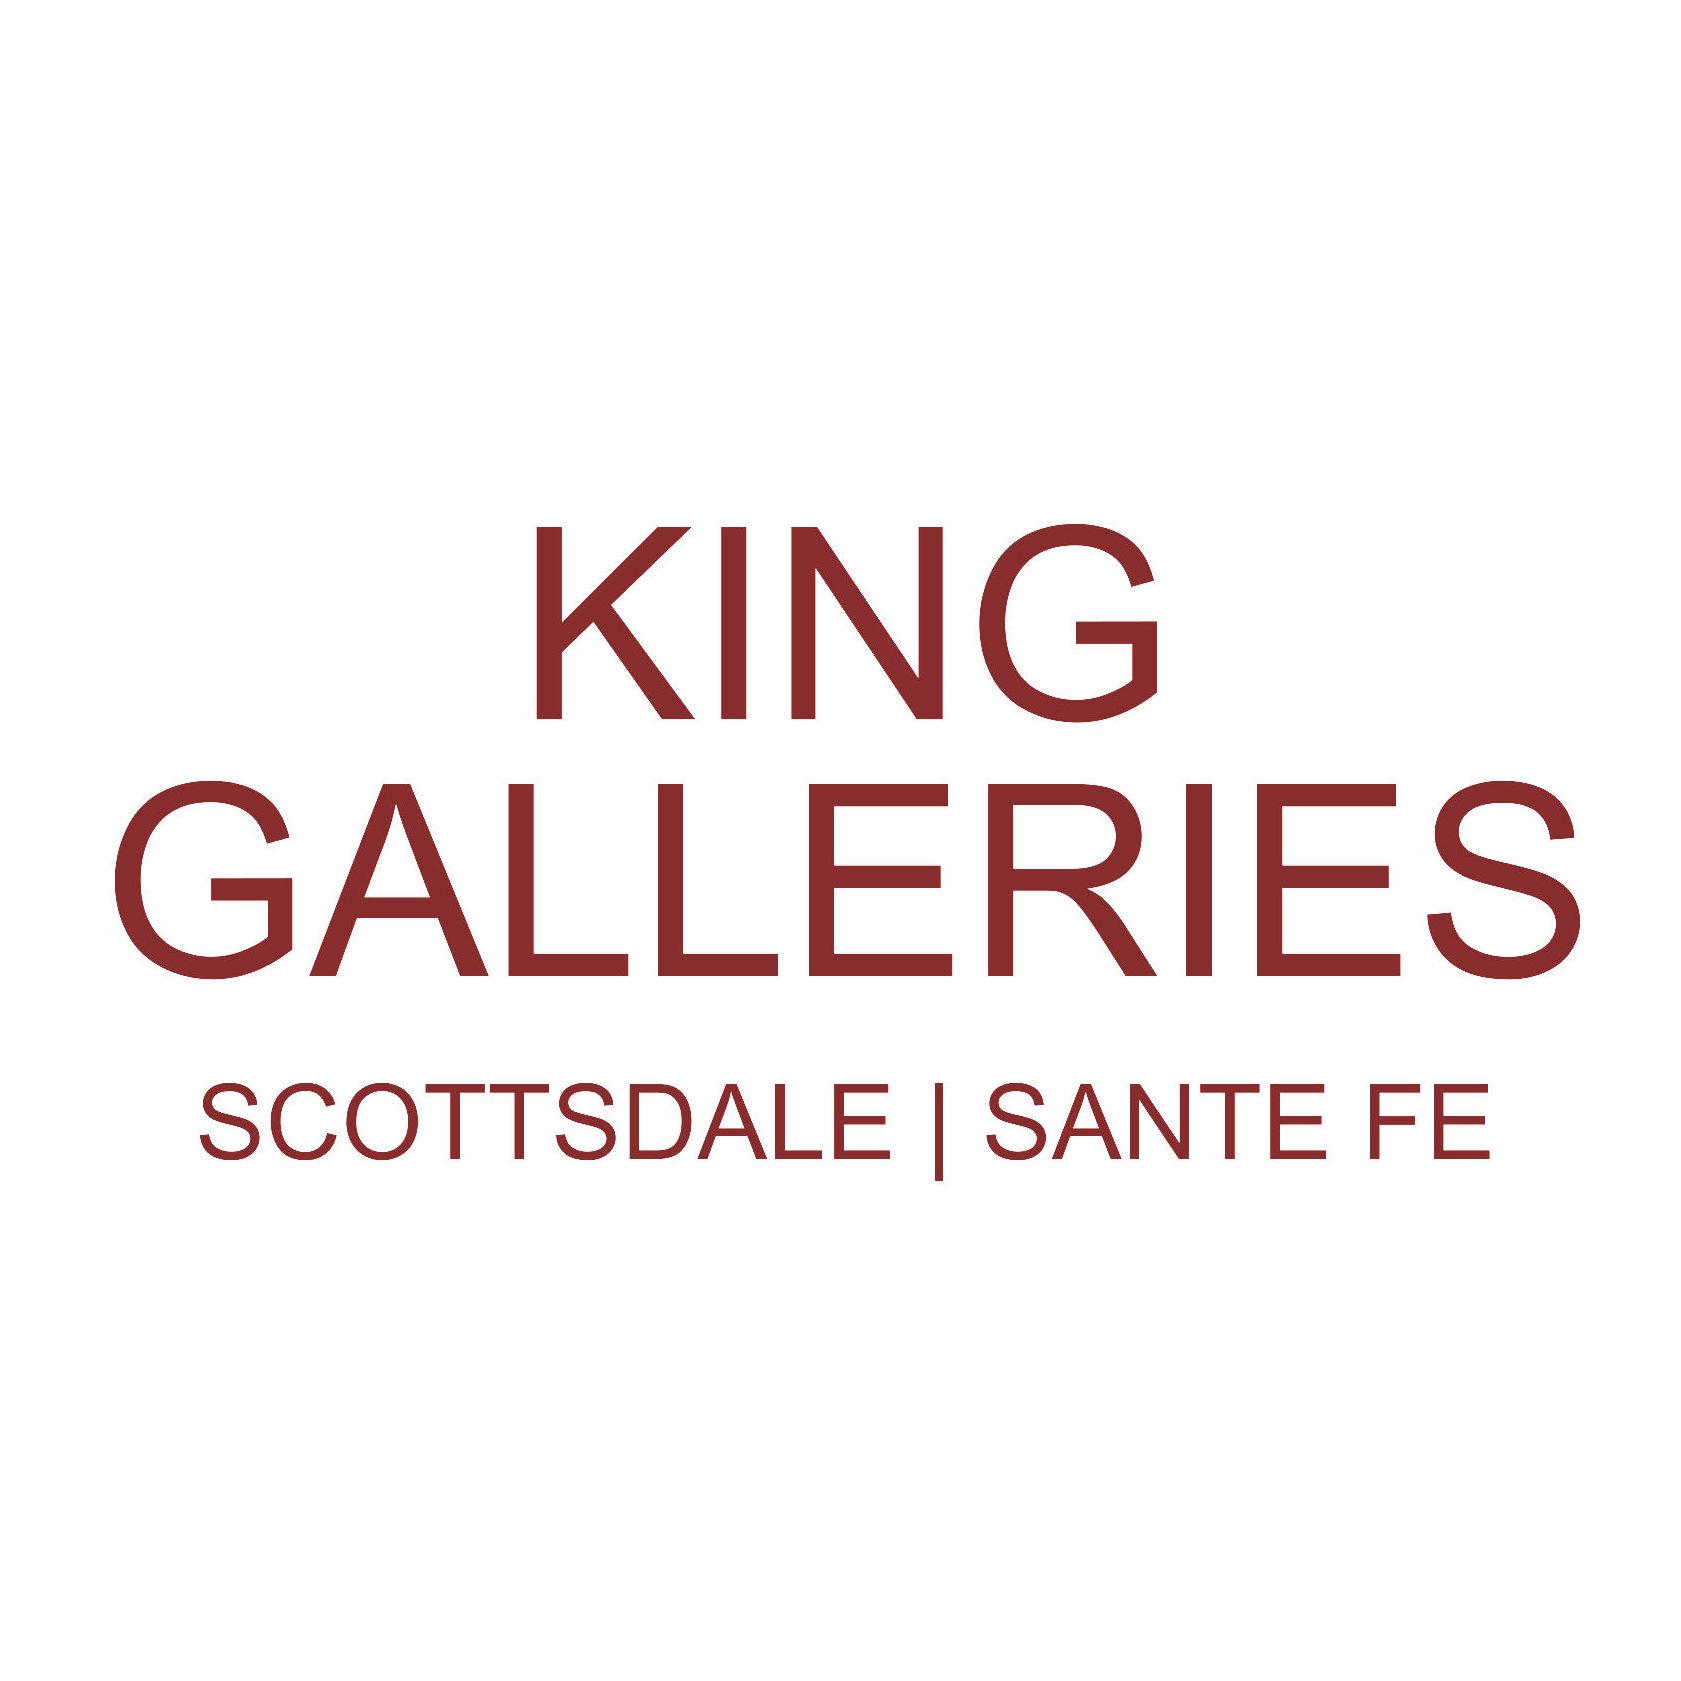 King Galleries - Scottsdale image 15